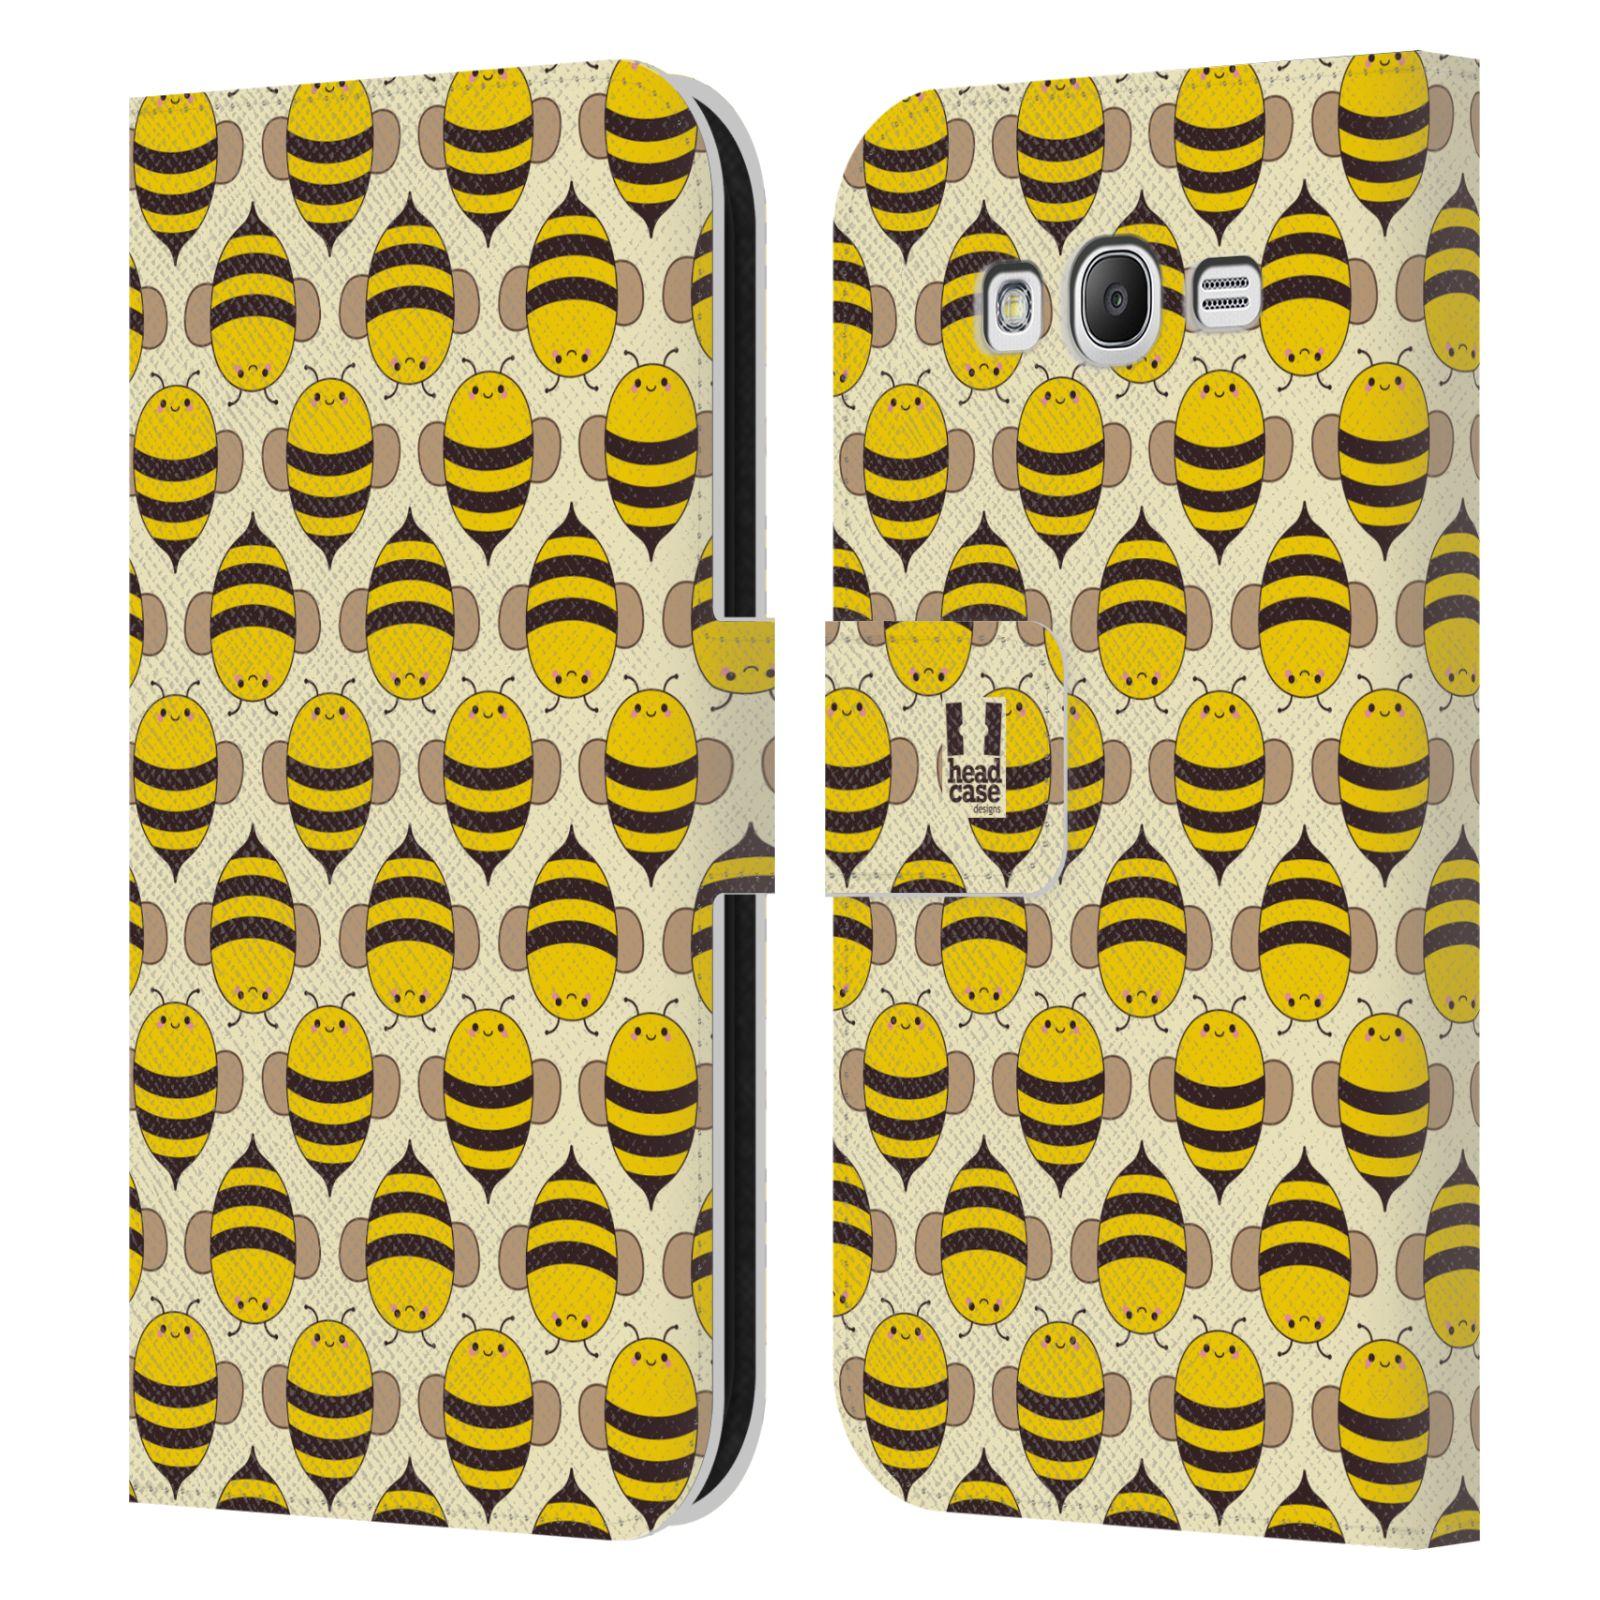 HEAD CASE Flipové pouzdro pro mobil Samsung Galaxy Grand i9080 VČELÍ VZOR kolonie včelek